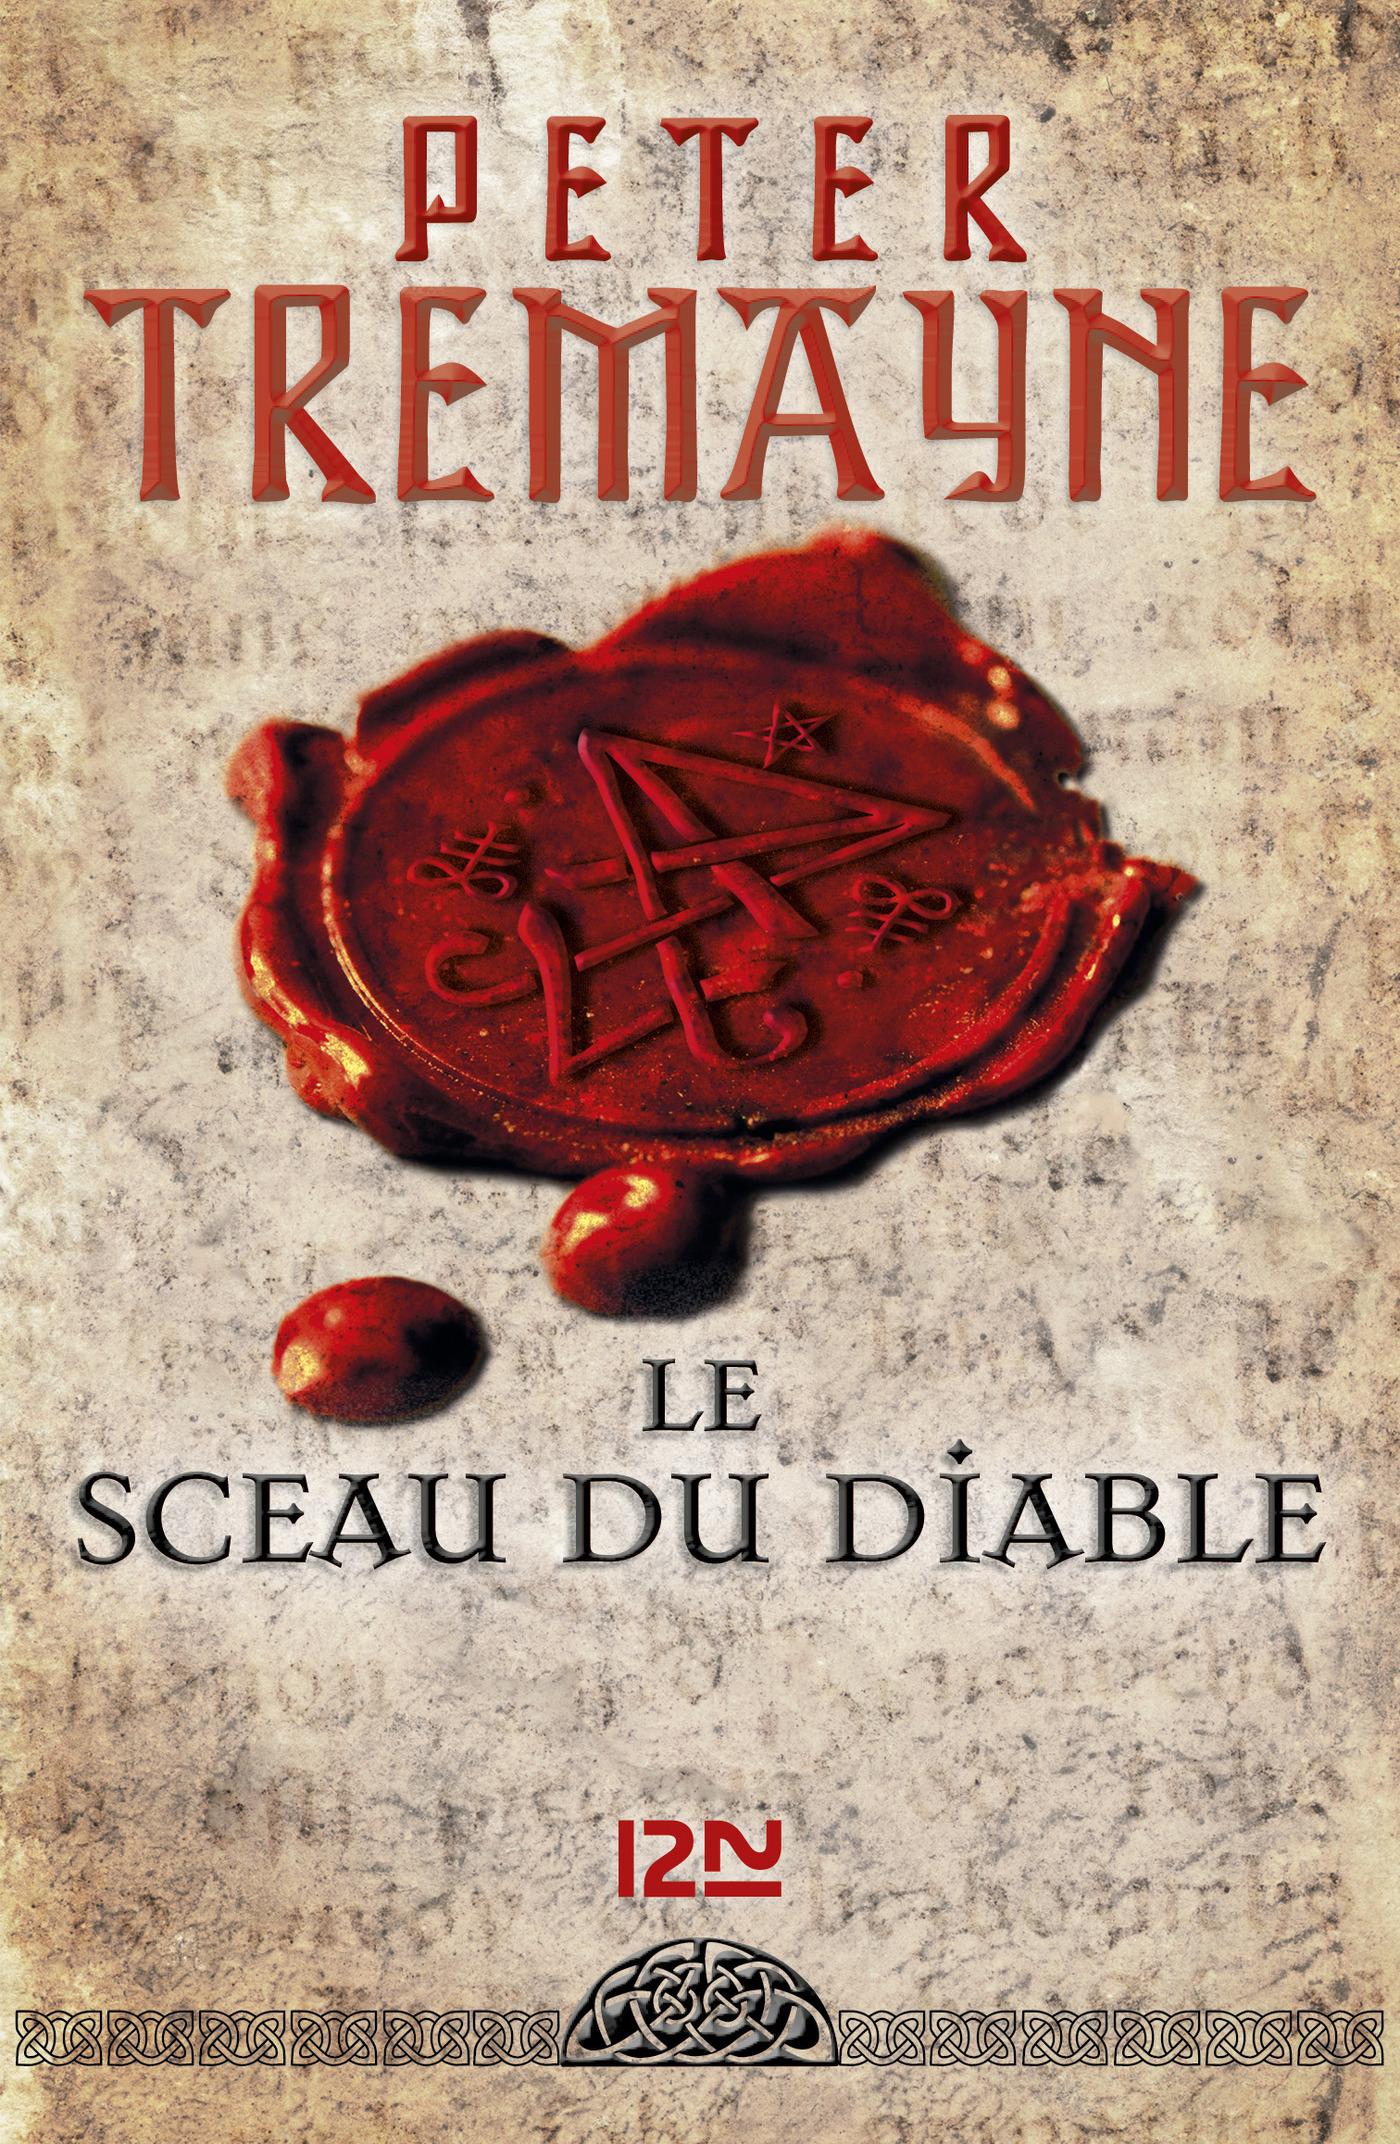 Le sceau du diable | TREMAYNE, Peter